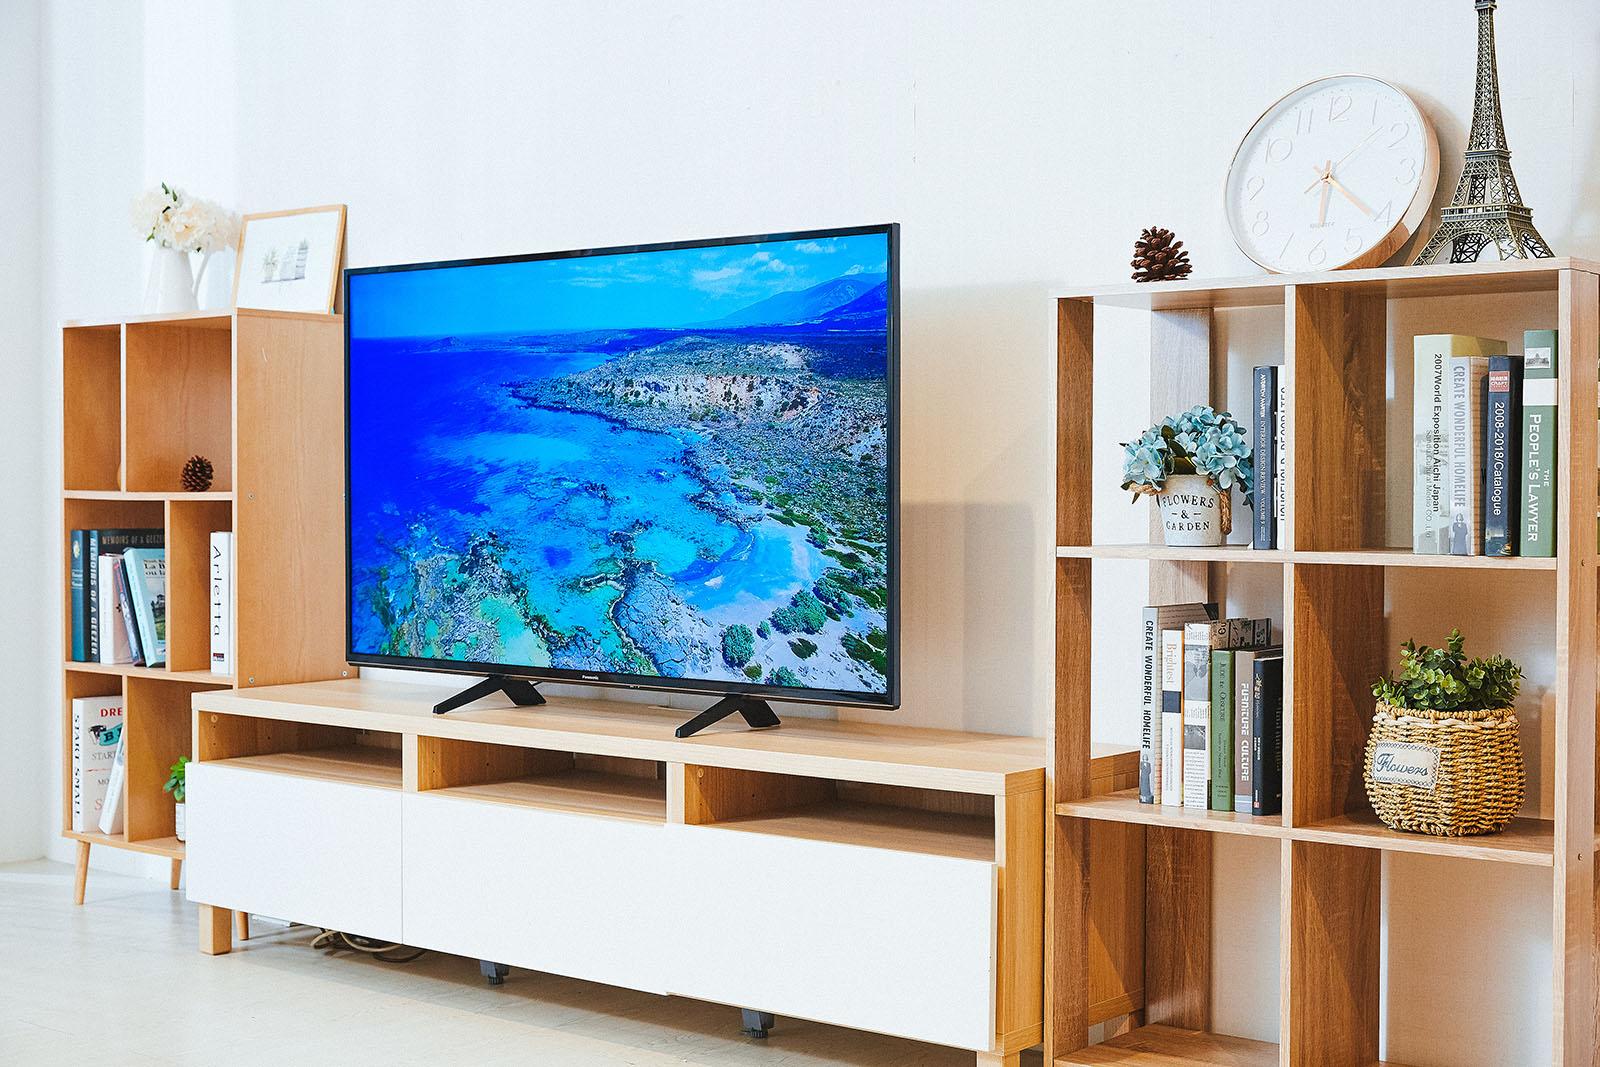 2020 東京奧運指定電視搶先體驗!Panasonic TH-55GX750W 六原色液晶電視亮麗現身